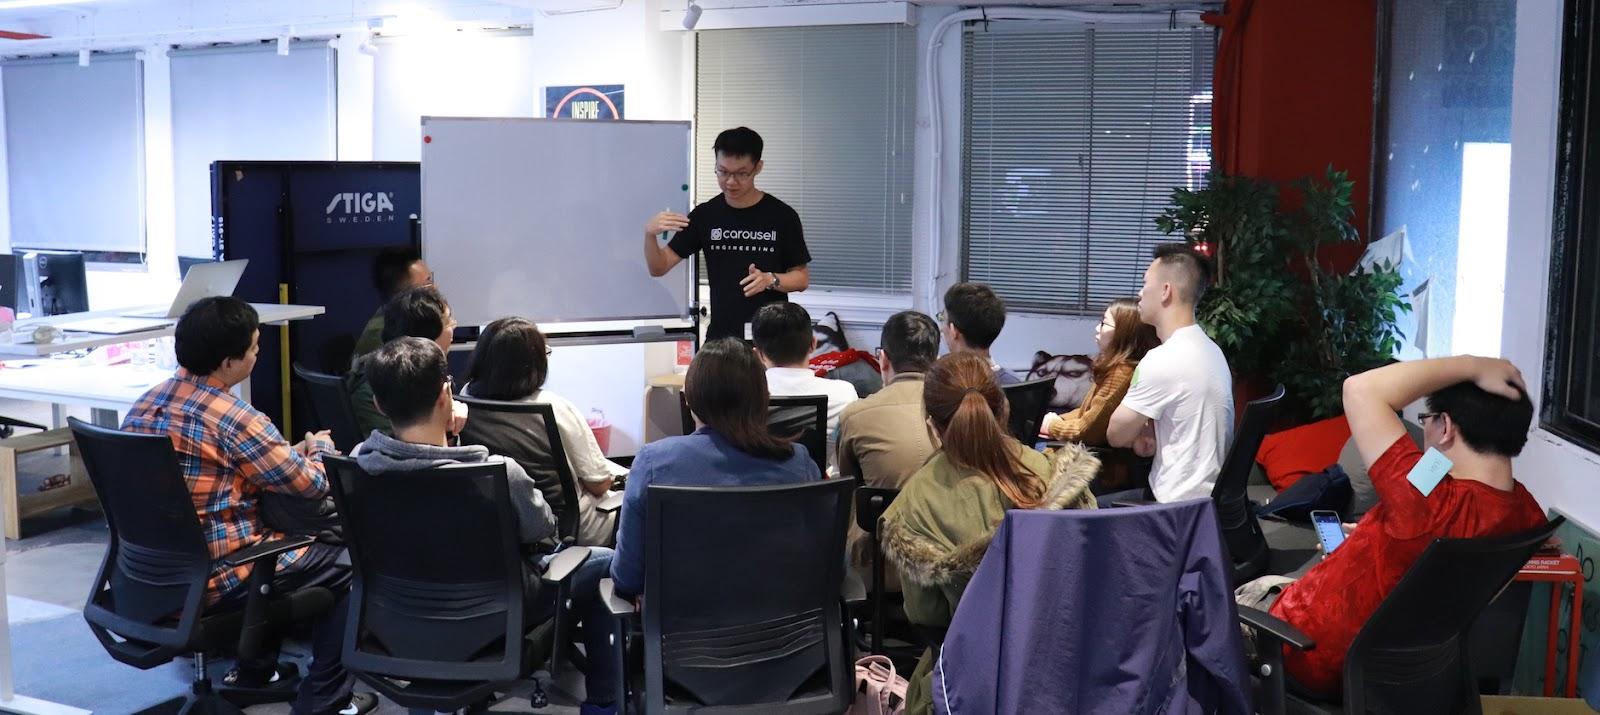 Carousell 旋轉拍賣 Buyer Experience Team 的資深 Android 工程師 Tim 分享如何打造個人化的買家體驗